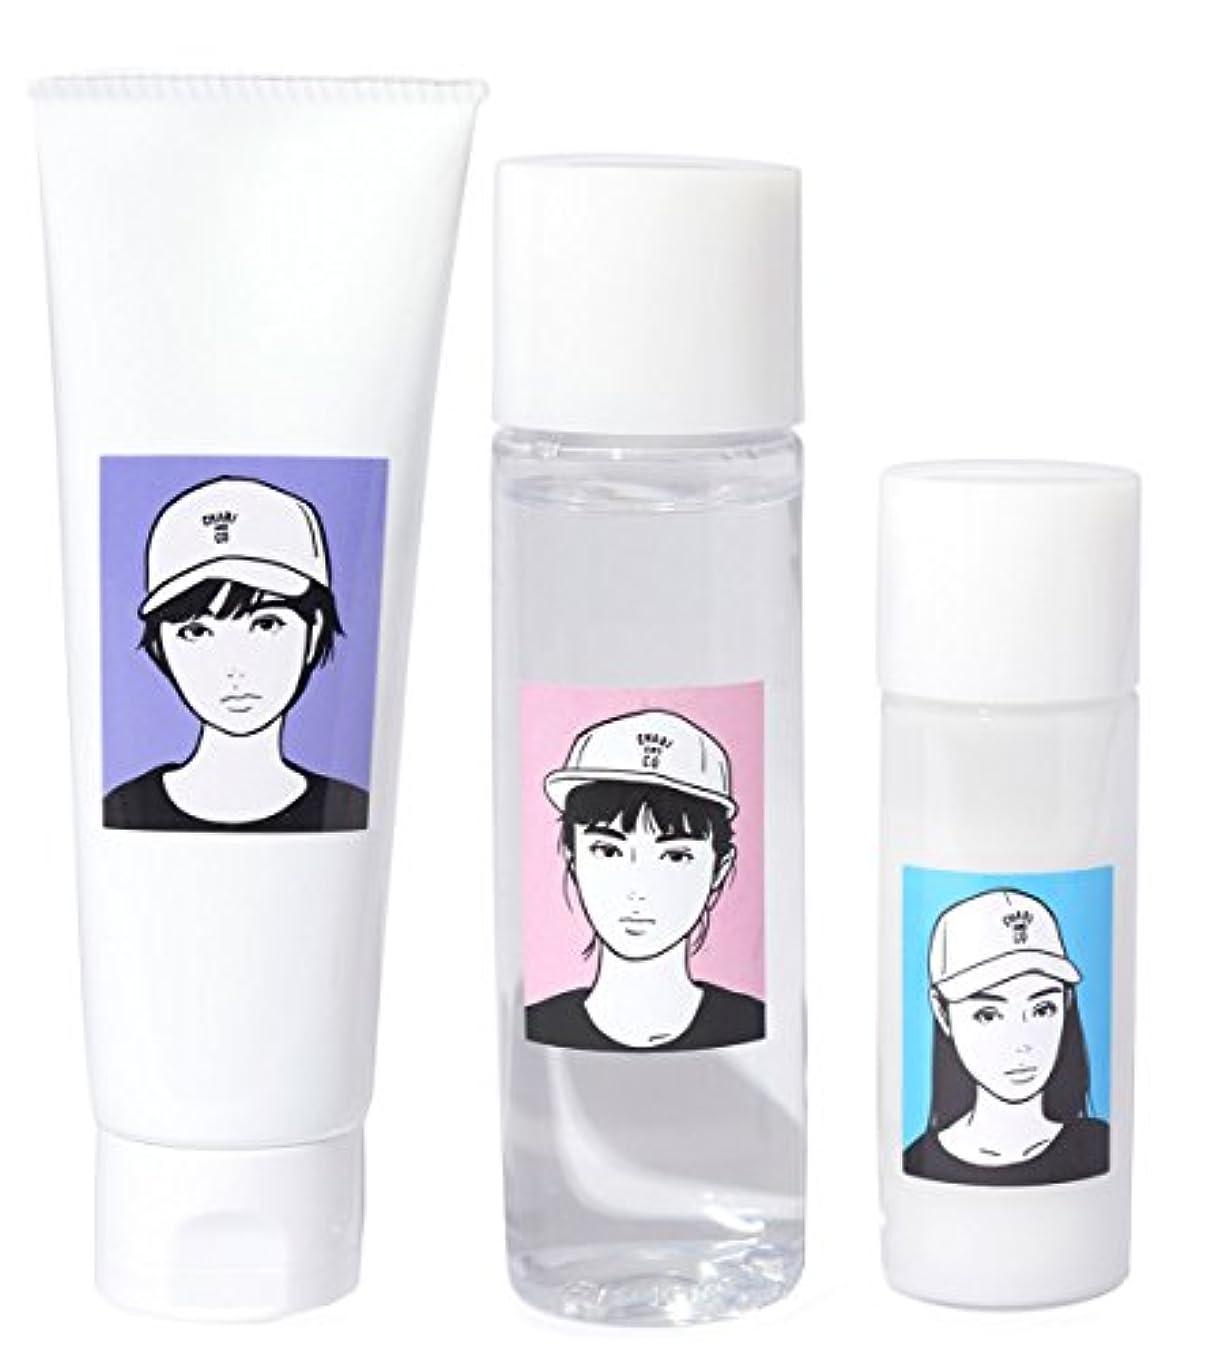 うま誰の製作CHARI&CO(チャリ&コー) コスメ3点(洗顔フォーム?化粧水?乳液)セット cosme kit CHARI&CO×KYNEコラボ [医薬部外品]